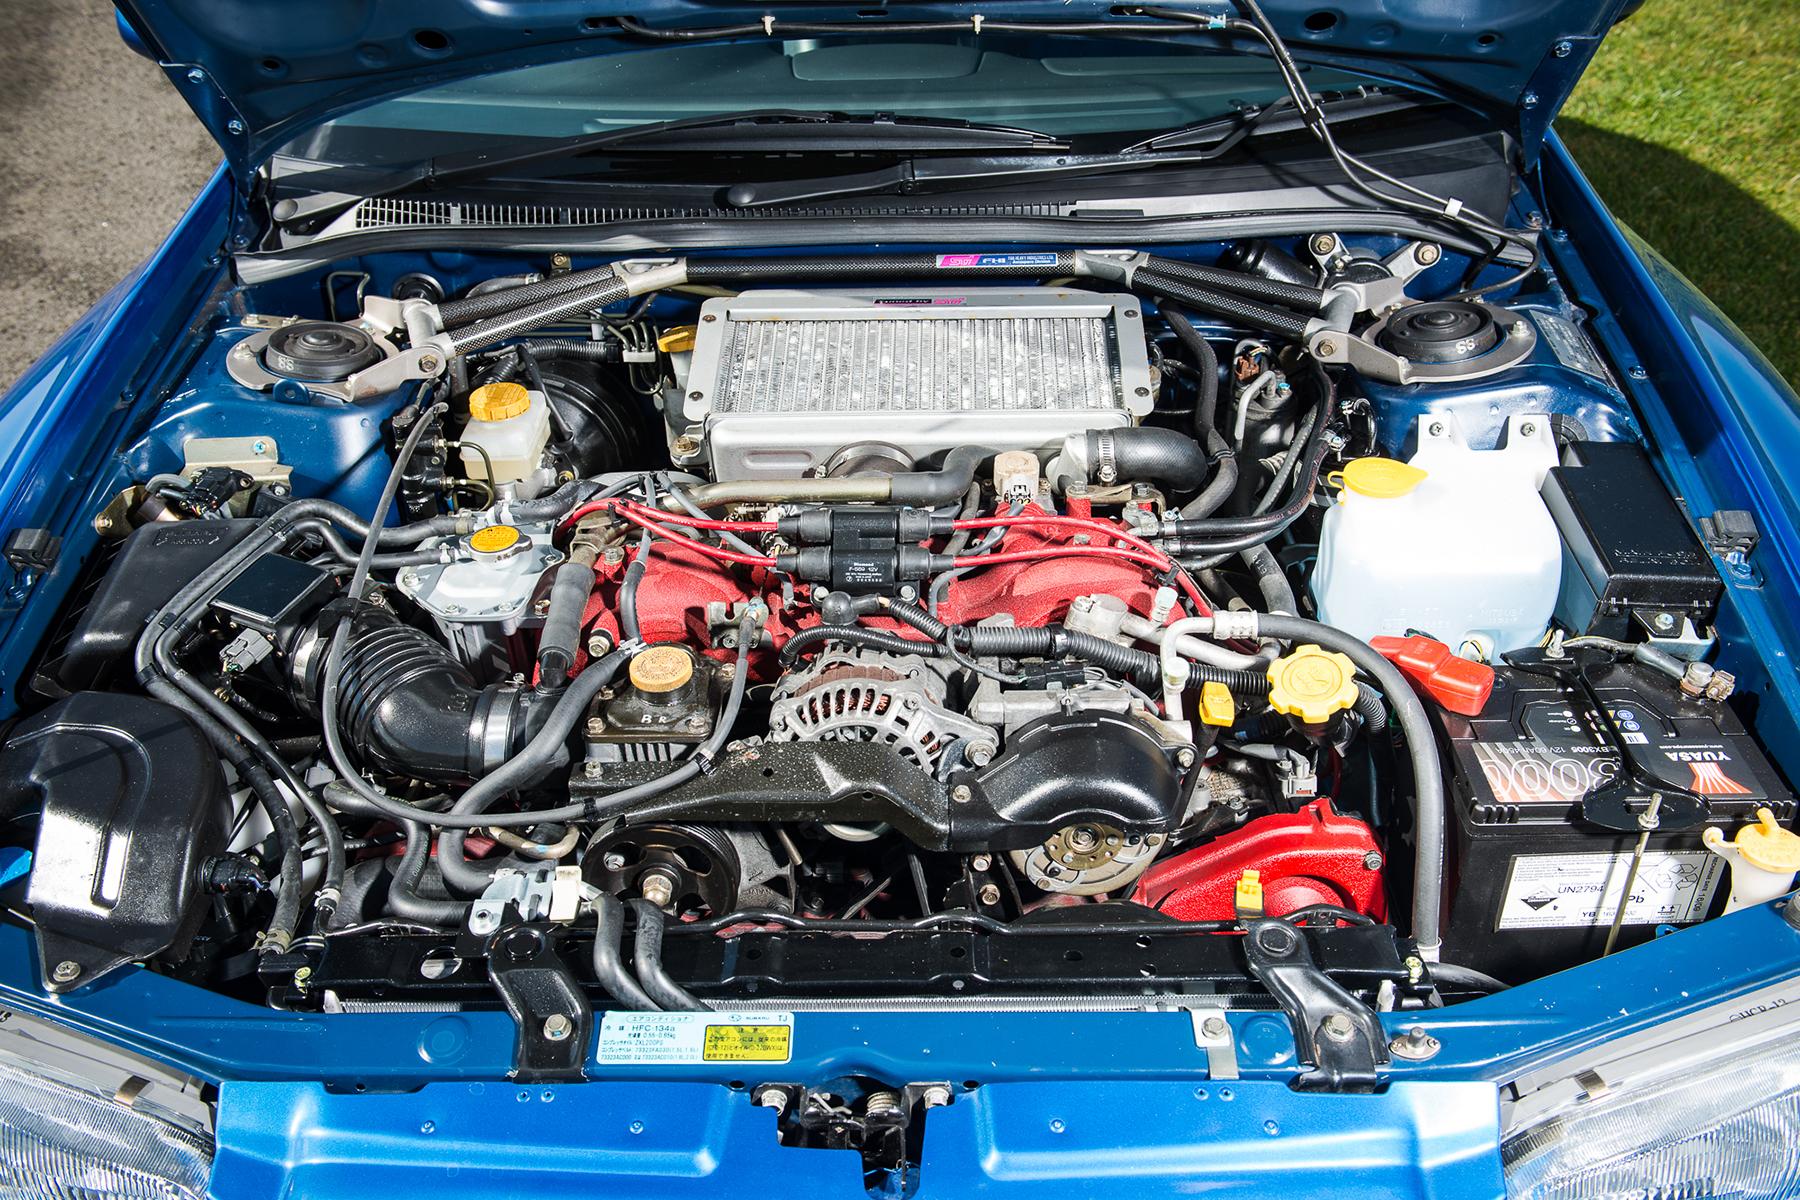 Subaru Impreza 22b STI engine